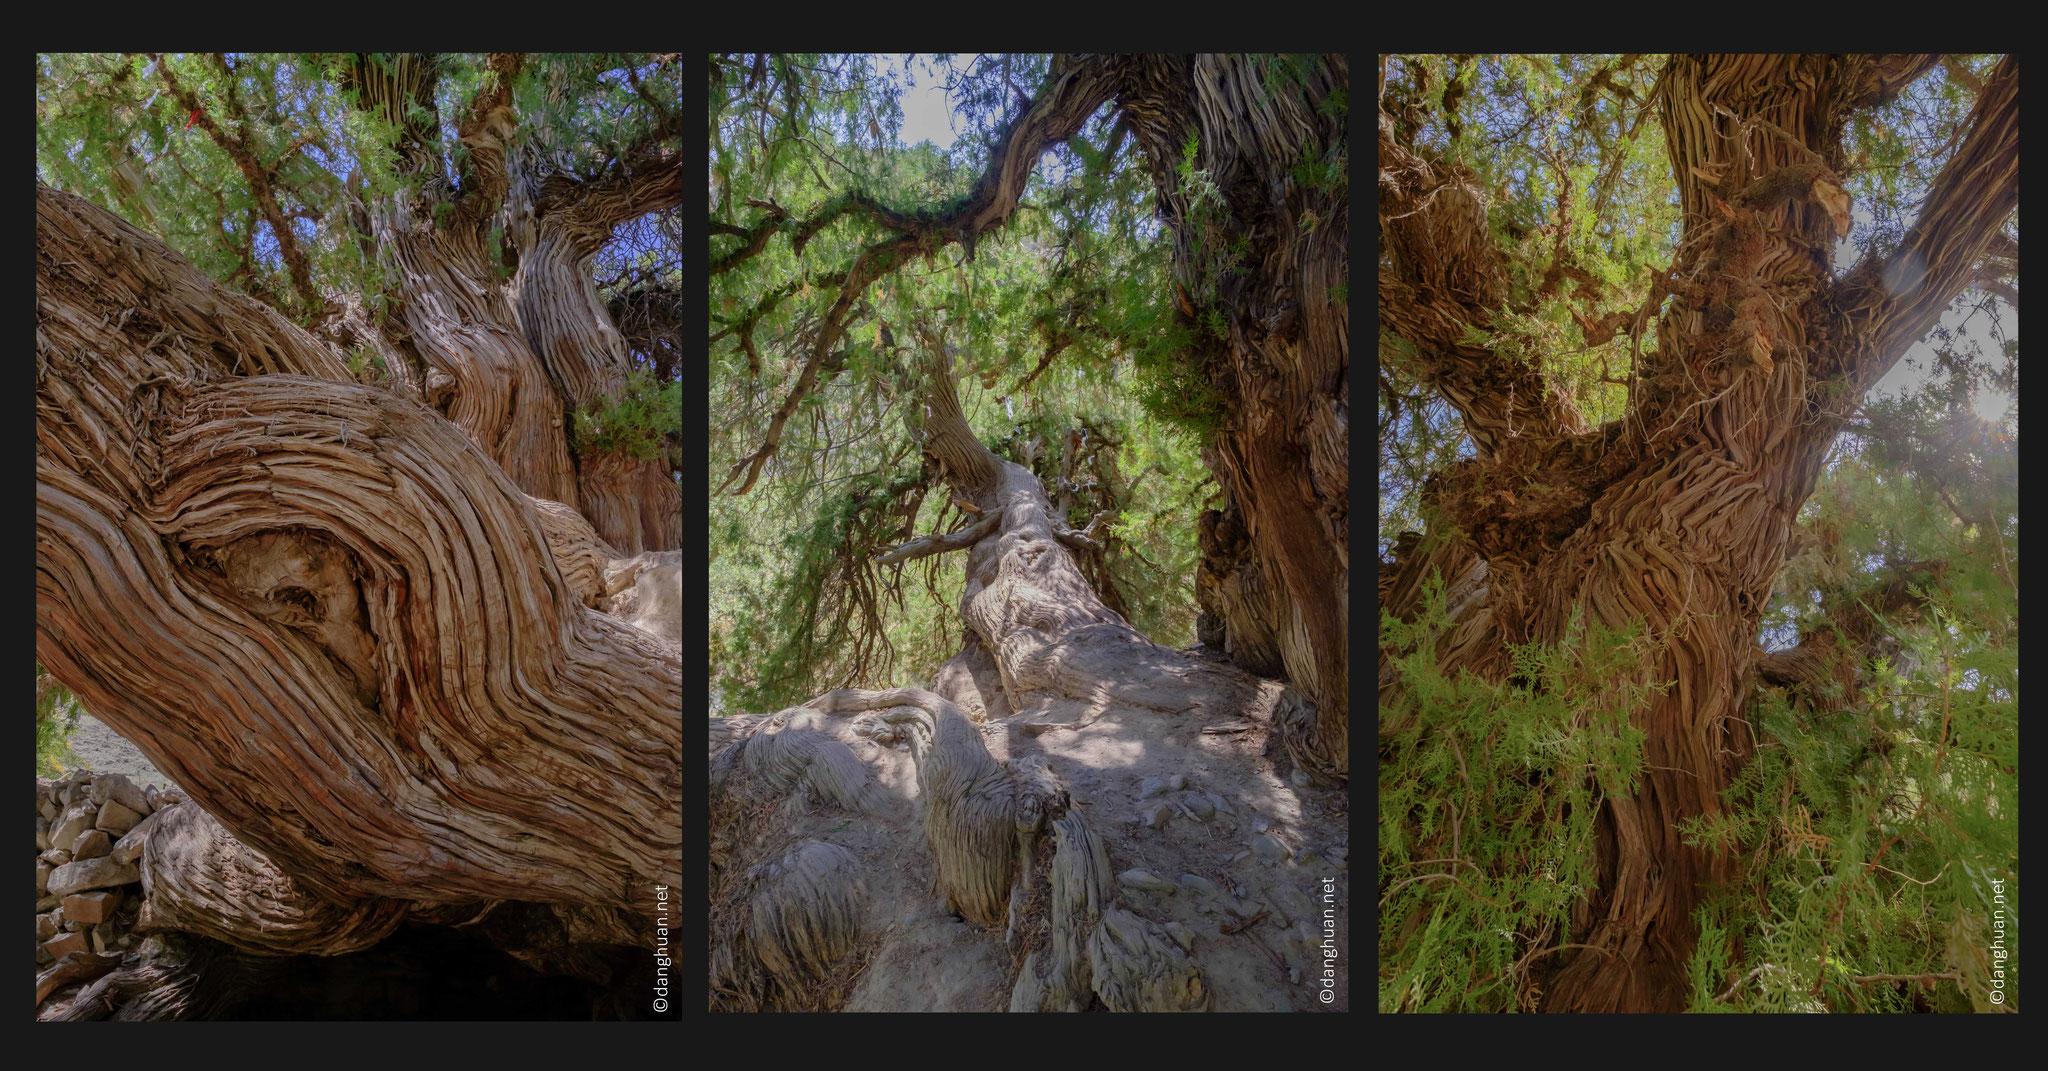 Selon la légende, l'arbre a été planté pour signaler la tombe d'un général d'Alexandre Le Grand